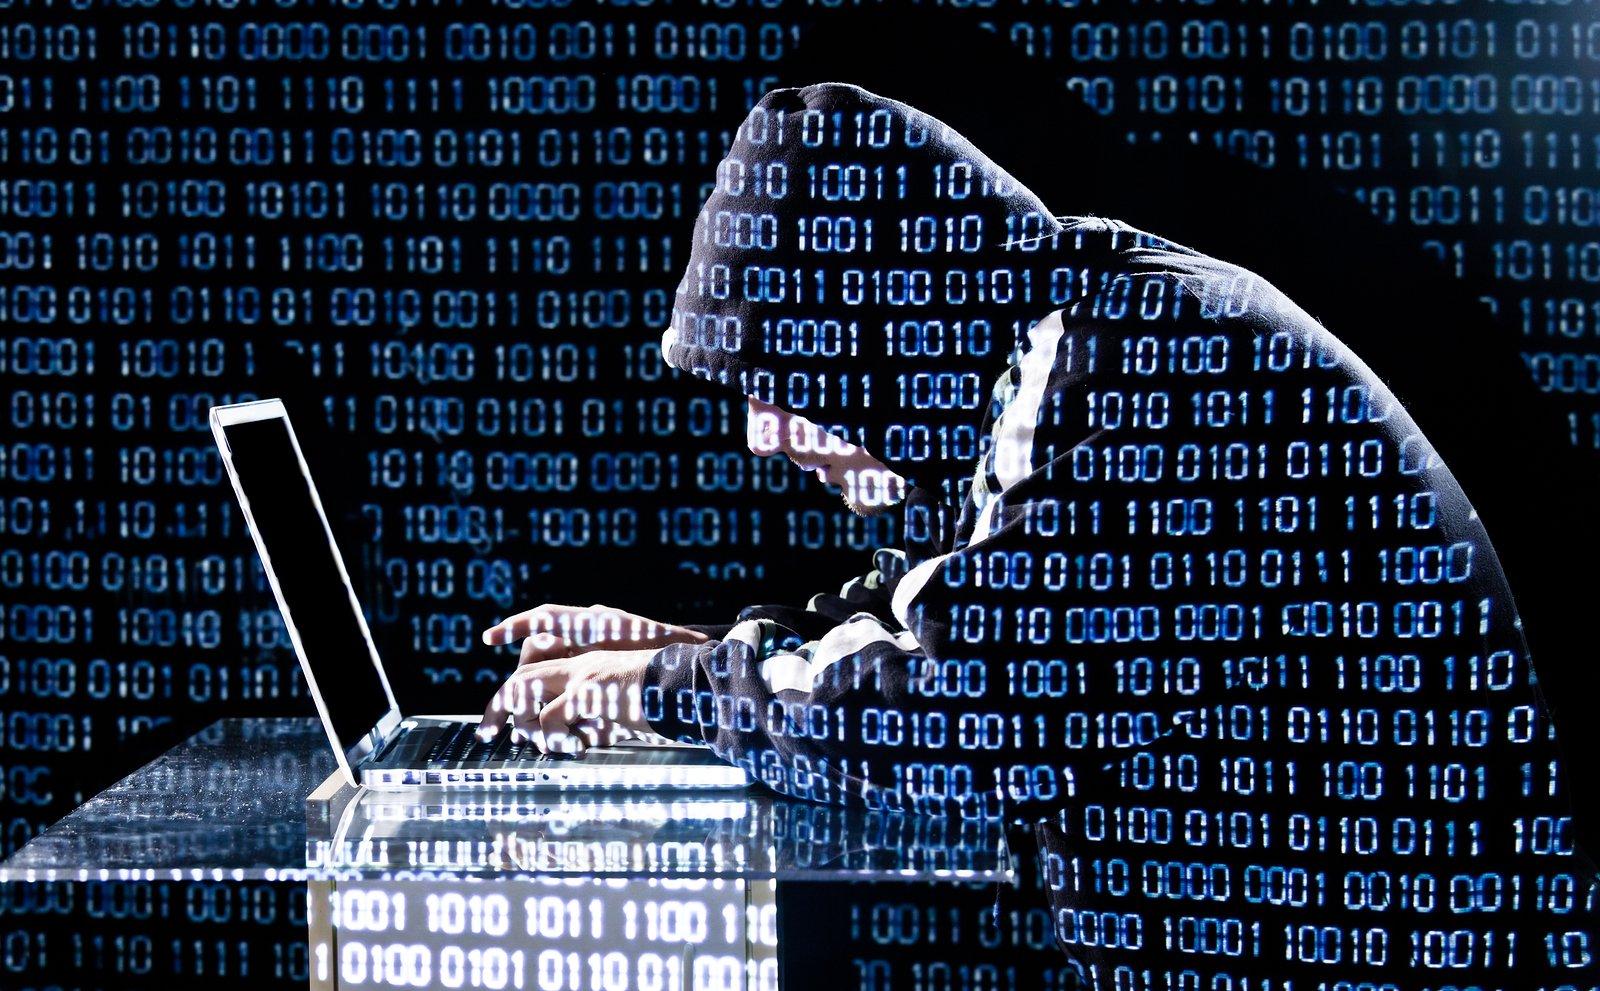 Empresas de internet são alvos de ciberterroristas